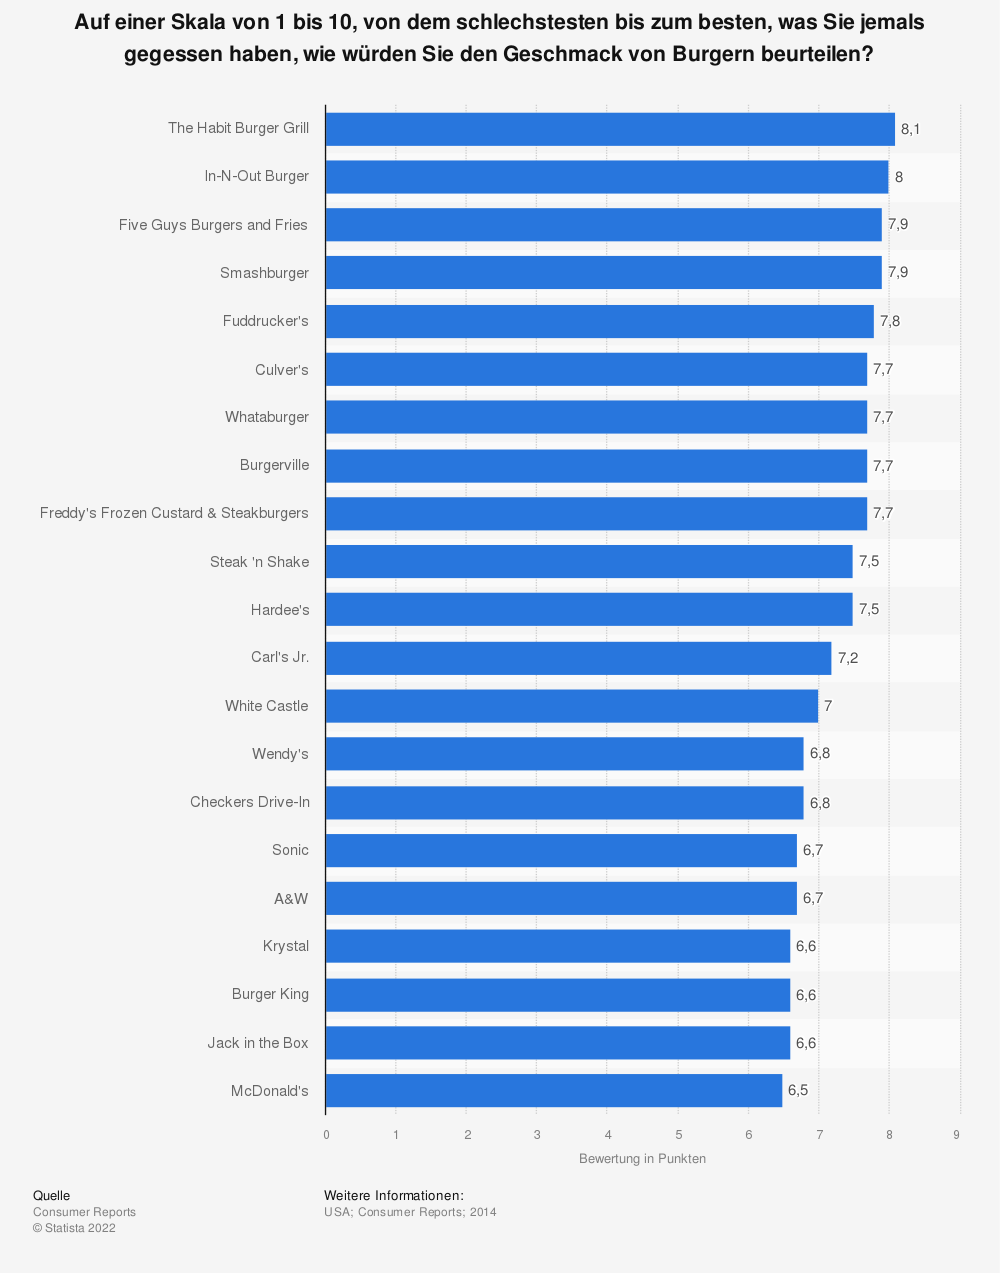 Statistik: Auf einer Skala von 1 bis 10, von dem schlechstesten bis zum besten, was Sie jemals gegessen haben, wie würden Sie den Geschmack von Burgern beurteilen? | Statista